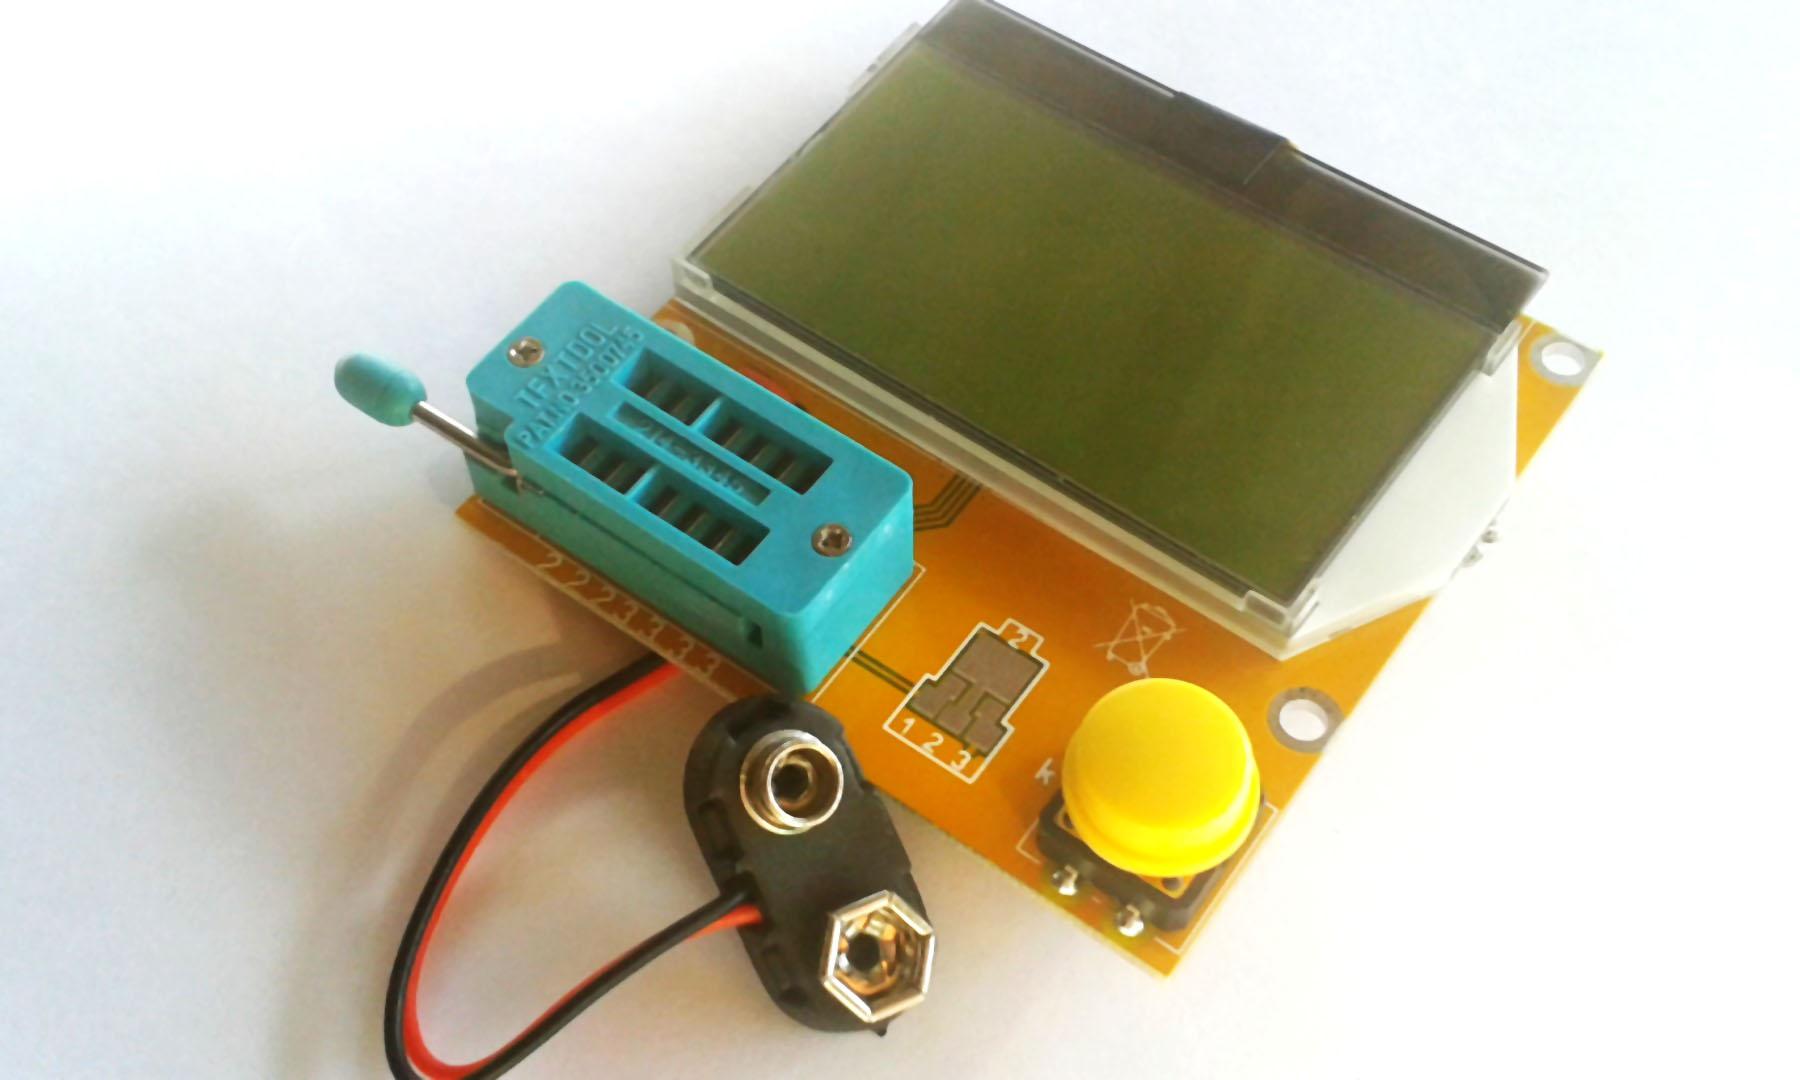 ESR Meter เครื่องวัดอุปกรณ์อิเล็กทรอนิกส์อเนกประสงค์